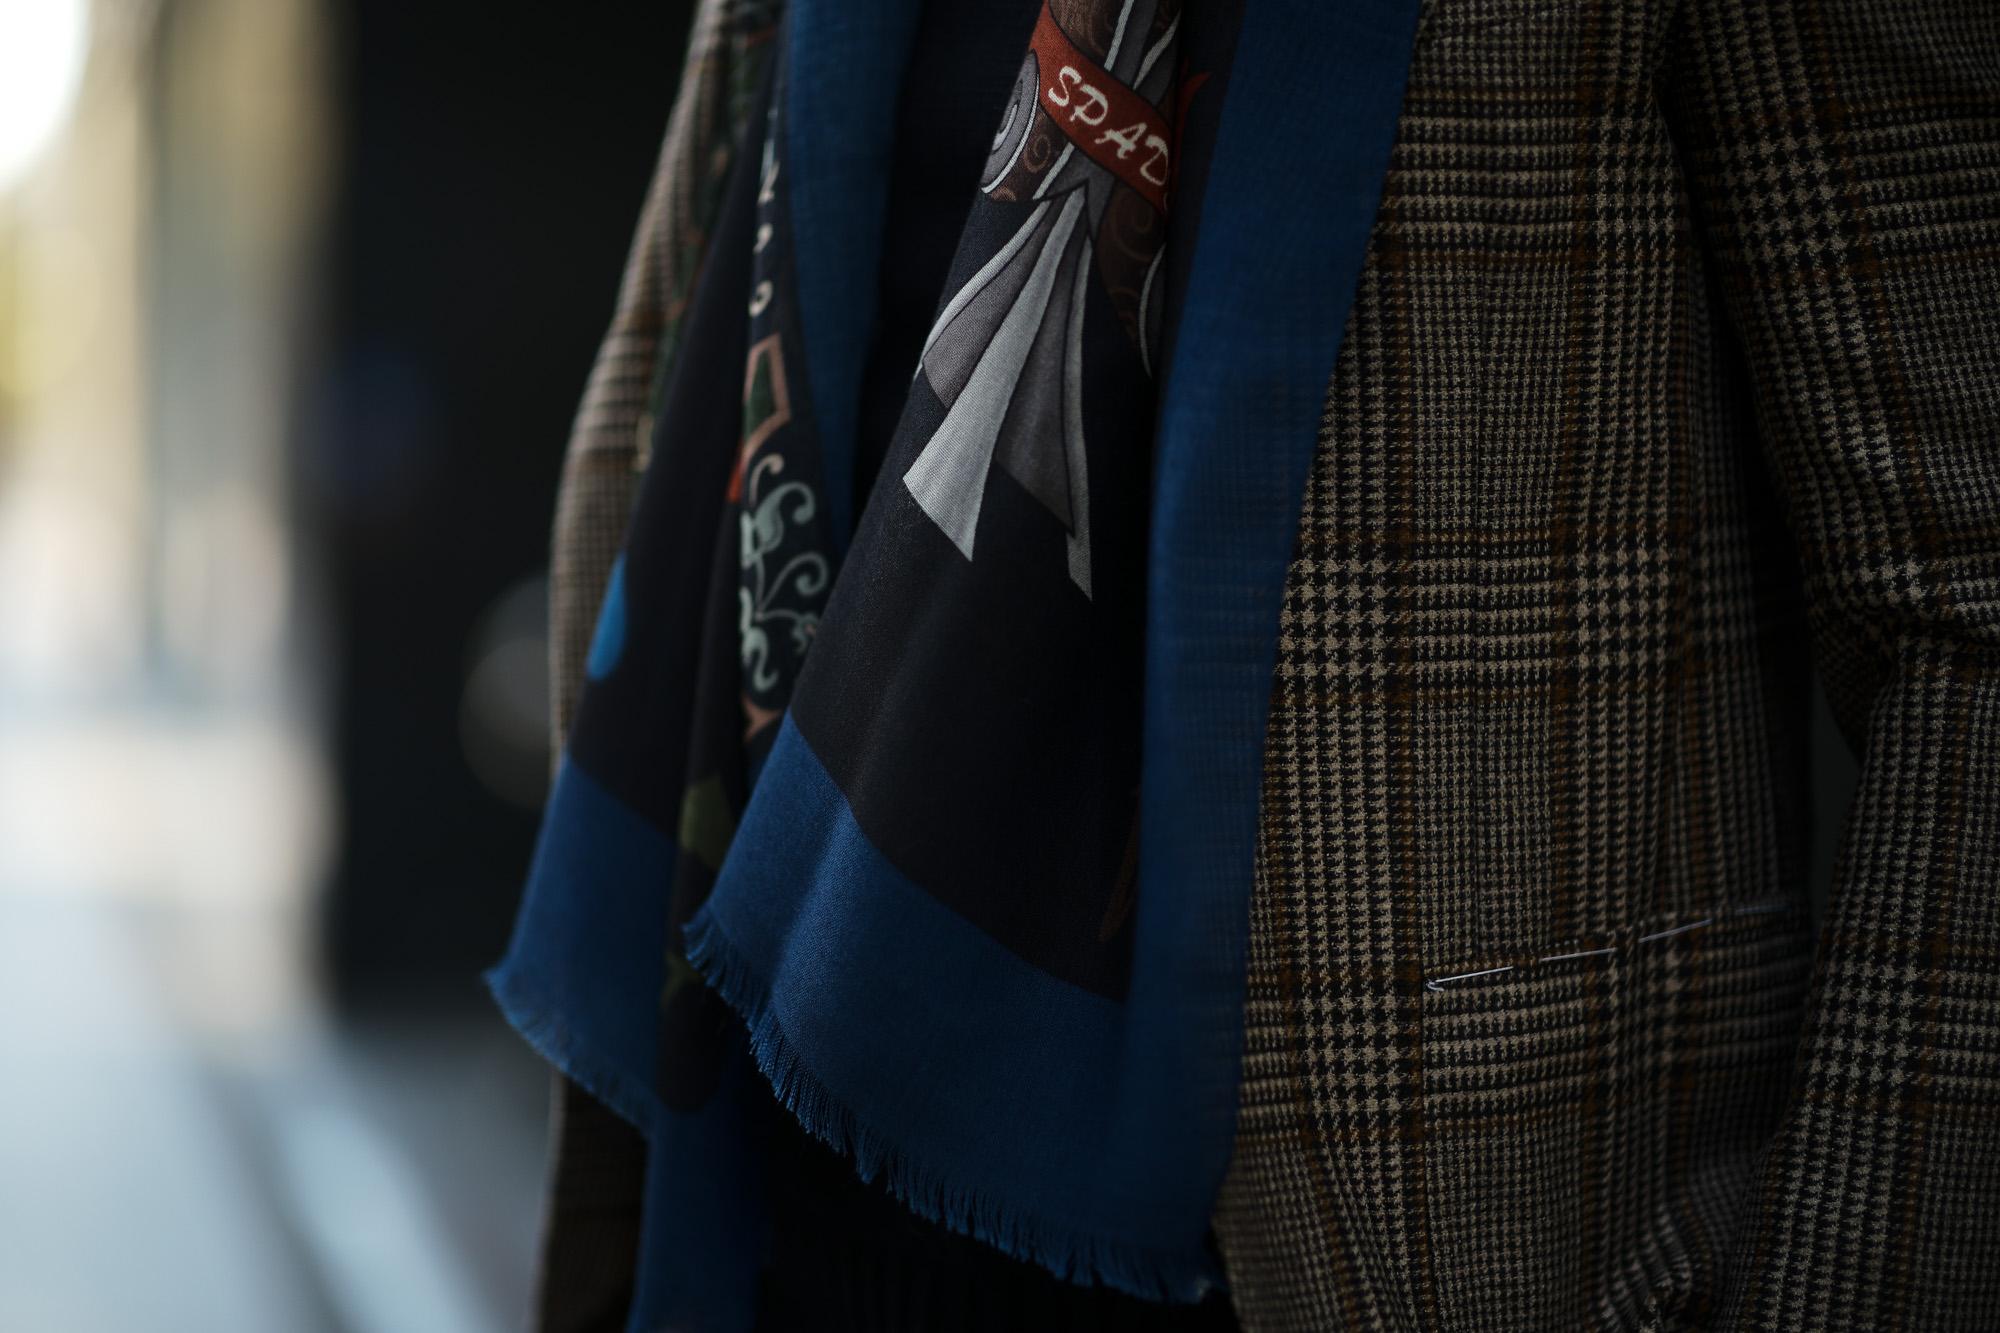 FRANCO BASSI (フランコバッシ) Wool Stole (ウール ストール) ウール プリント ストール NAVY (ネイビー・1) Made in italy (イタリア製) 2018秋冬新作 francobassi ストール マフラー 愛知 名古屋 alto e diritto アルトエデリット